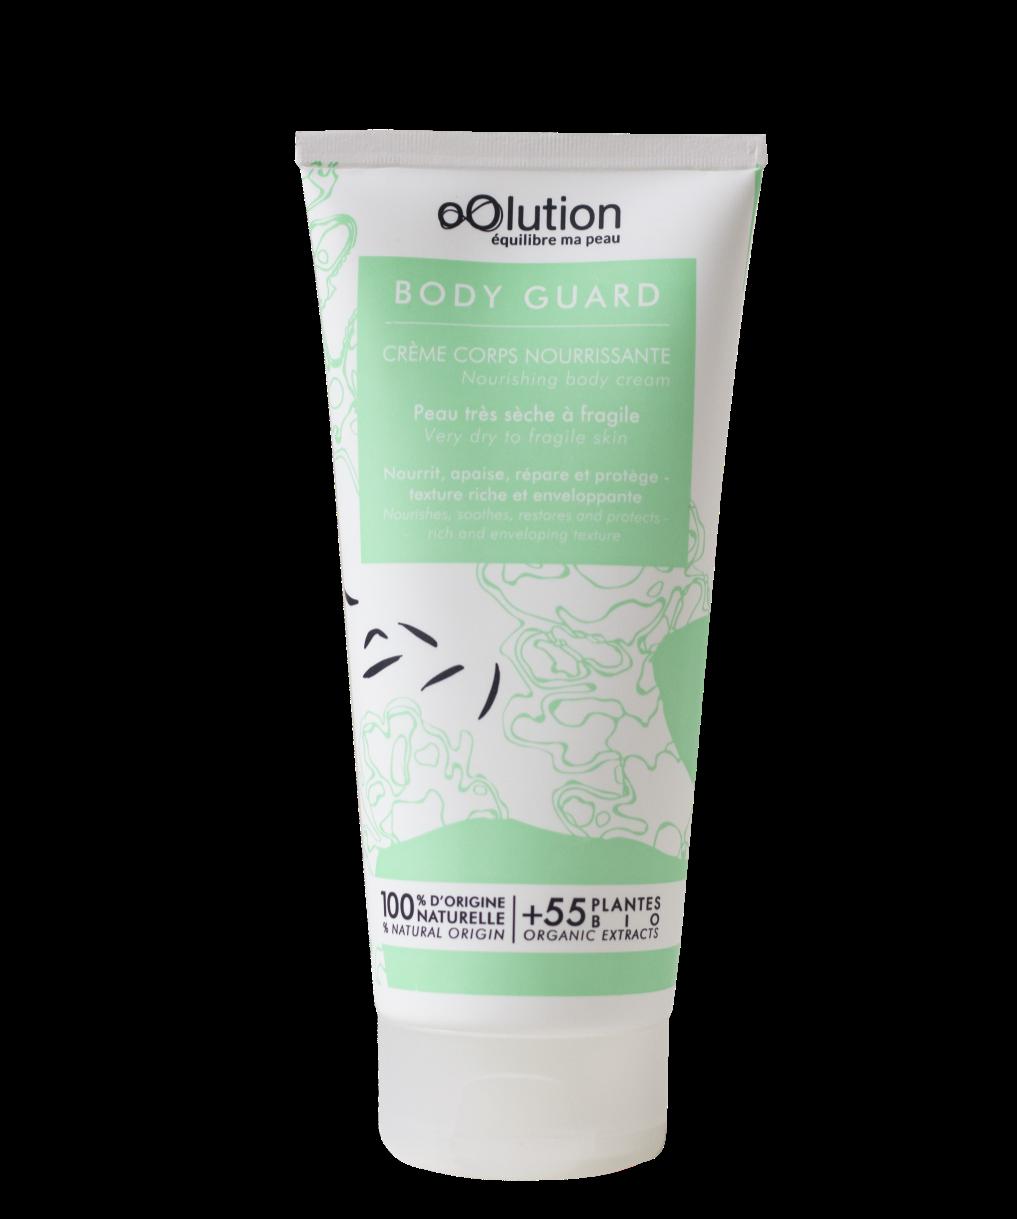 oolution-body-guard-creme-pour-le-corps-bio-nourrissante